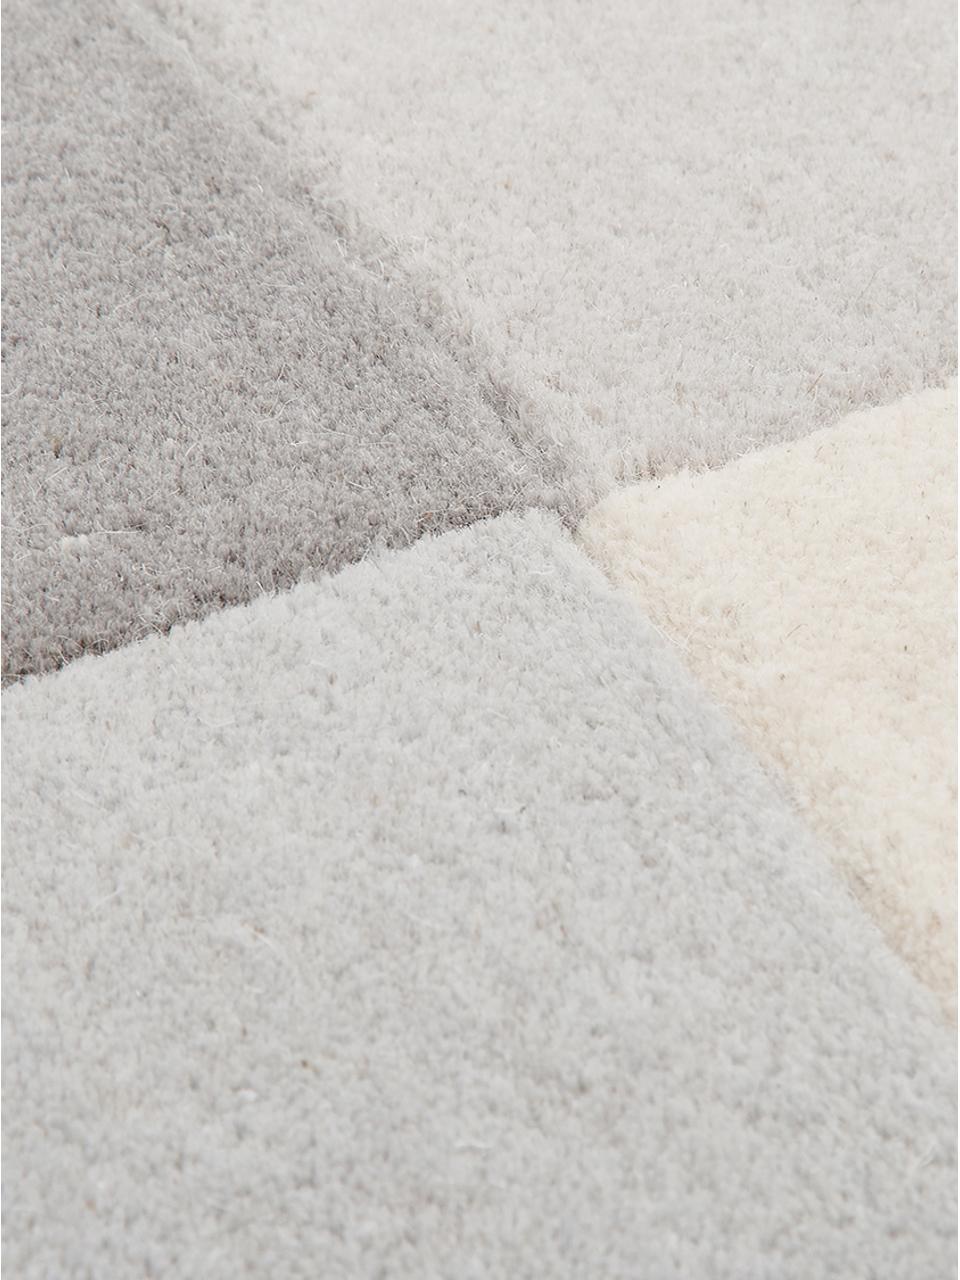 Handgetuft wollen vloerkleed Keith met geometrisch patroon, Bovenzijde: 100% wol, Onderzijde: katoen, Beige, grijs, B 200 x L 300 cm (maat L)